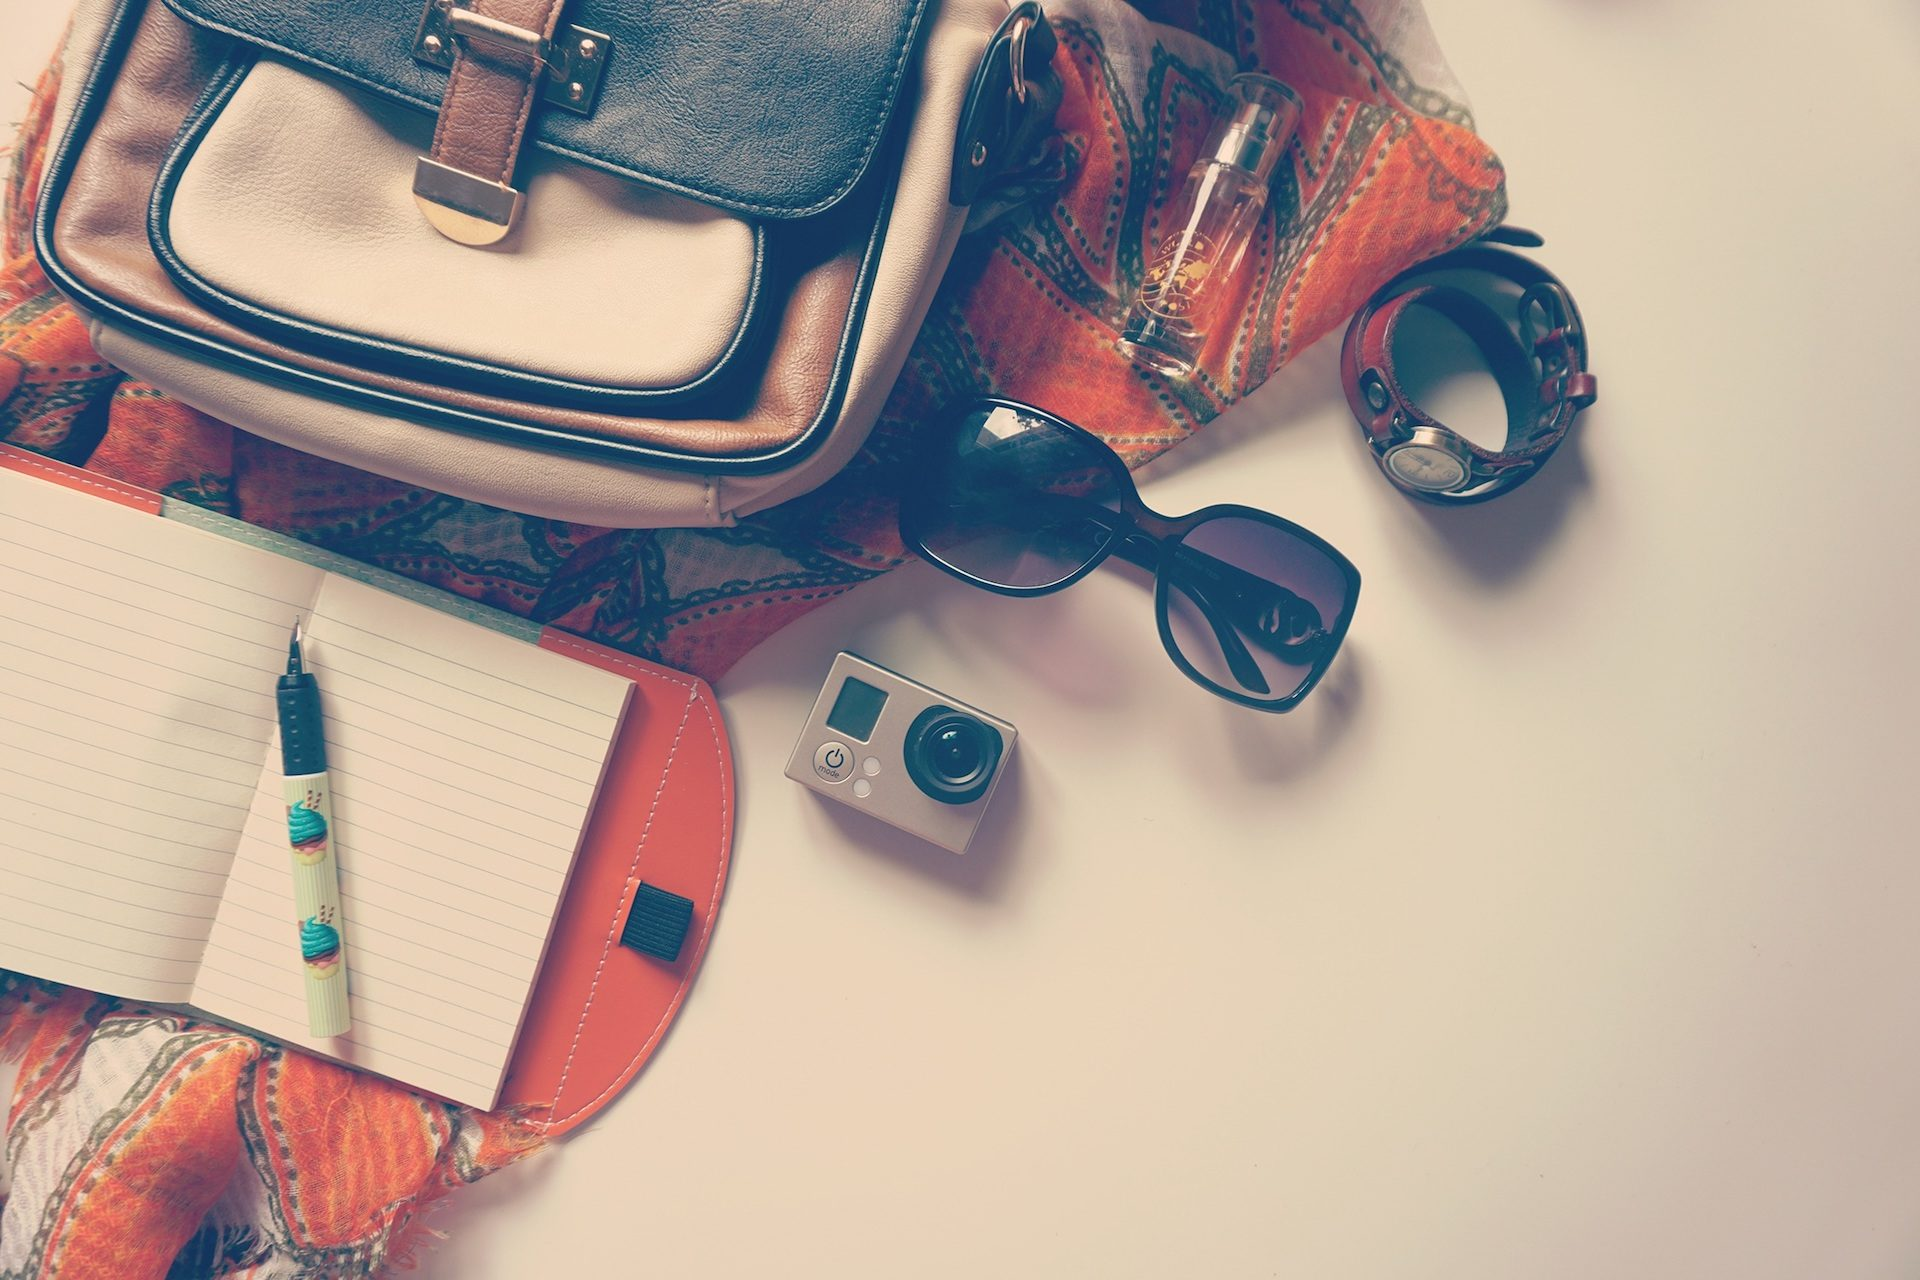 Poche, lunettes de soleil, Montre, appareil photo, ordinateur portable, stylo, écharpe - Fonds d'écran HD - Professor-falken.com